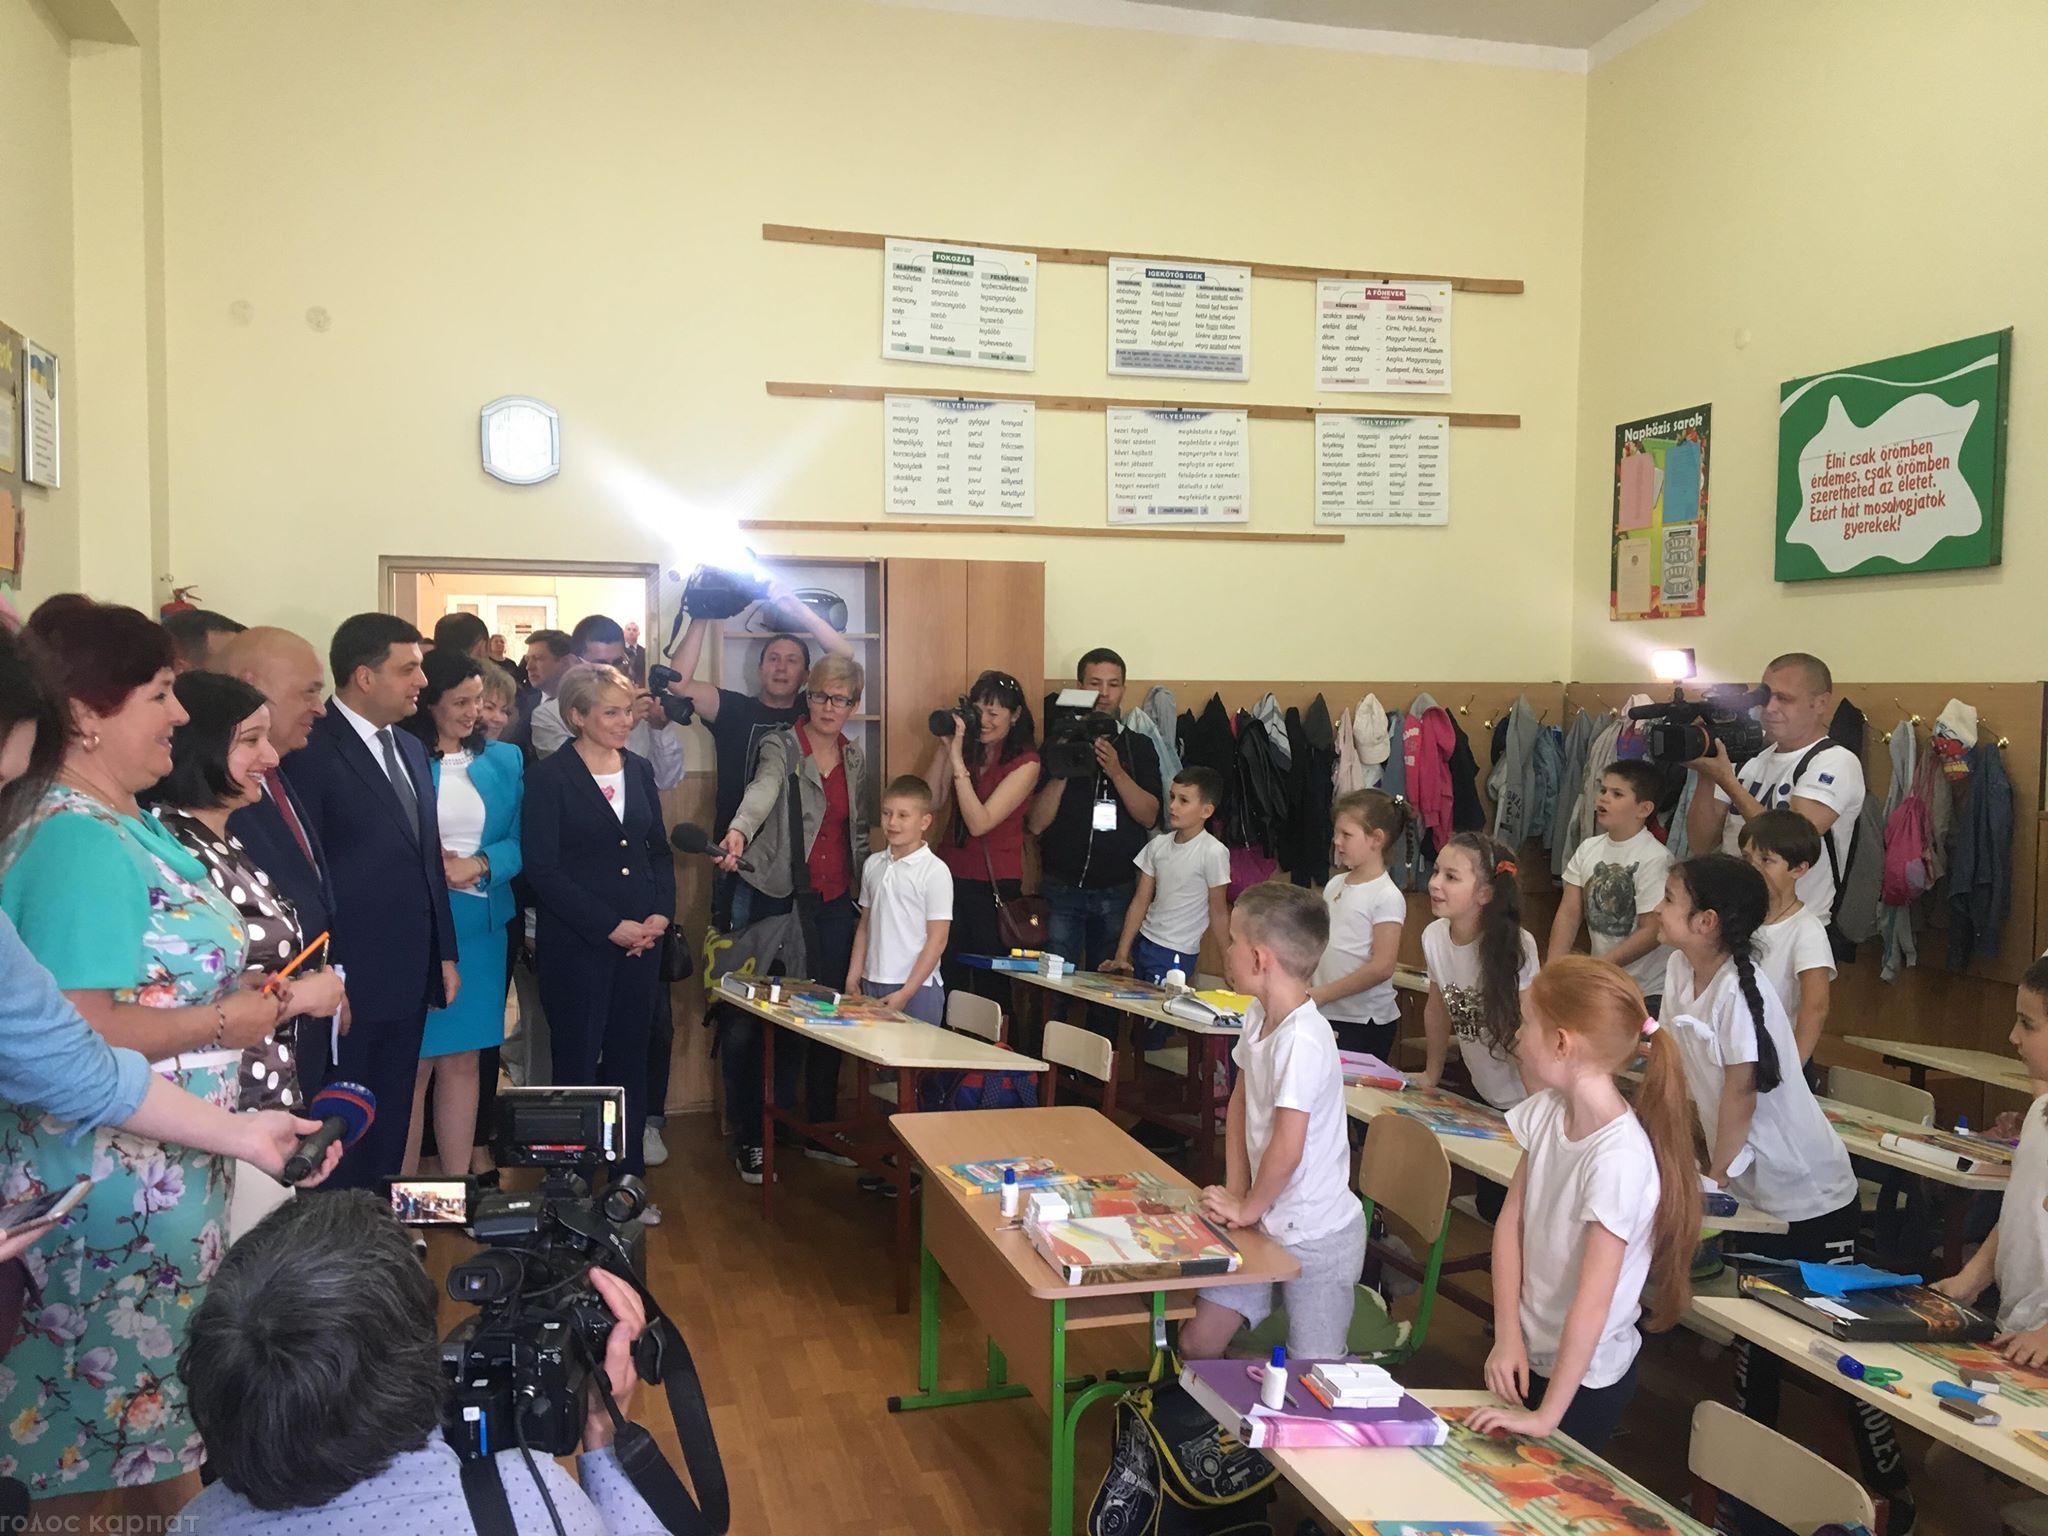 Йовнопот ківанок: Володимир Гройсман привітався з учнями ЗОШ №10 угорською мовою (ВІДЕО)